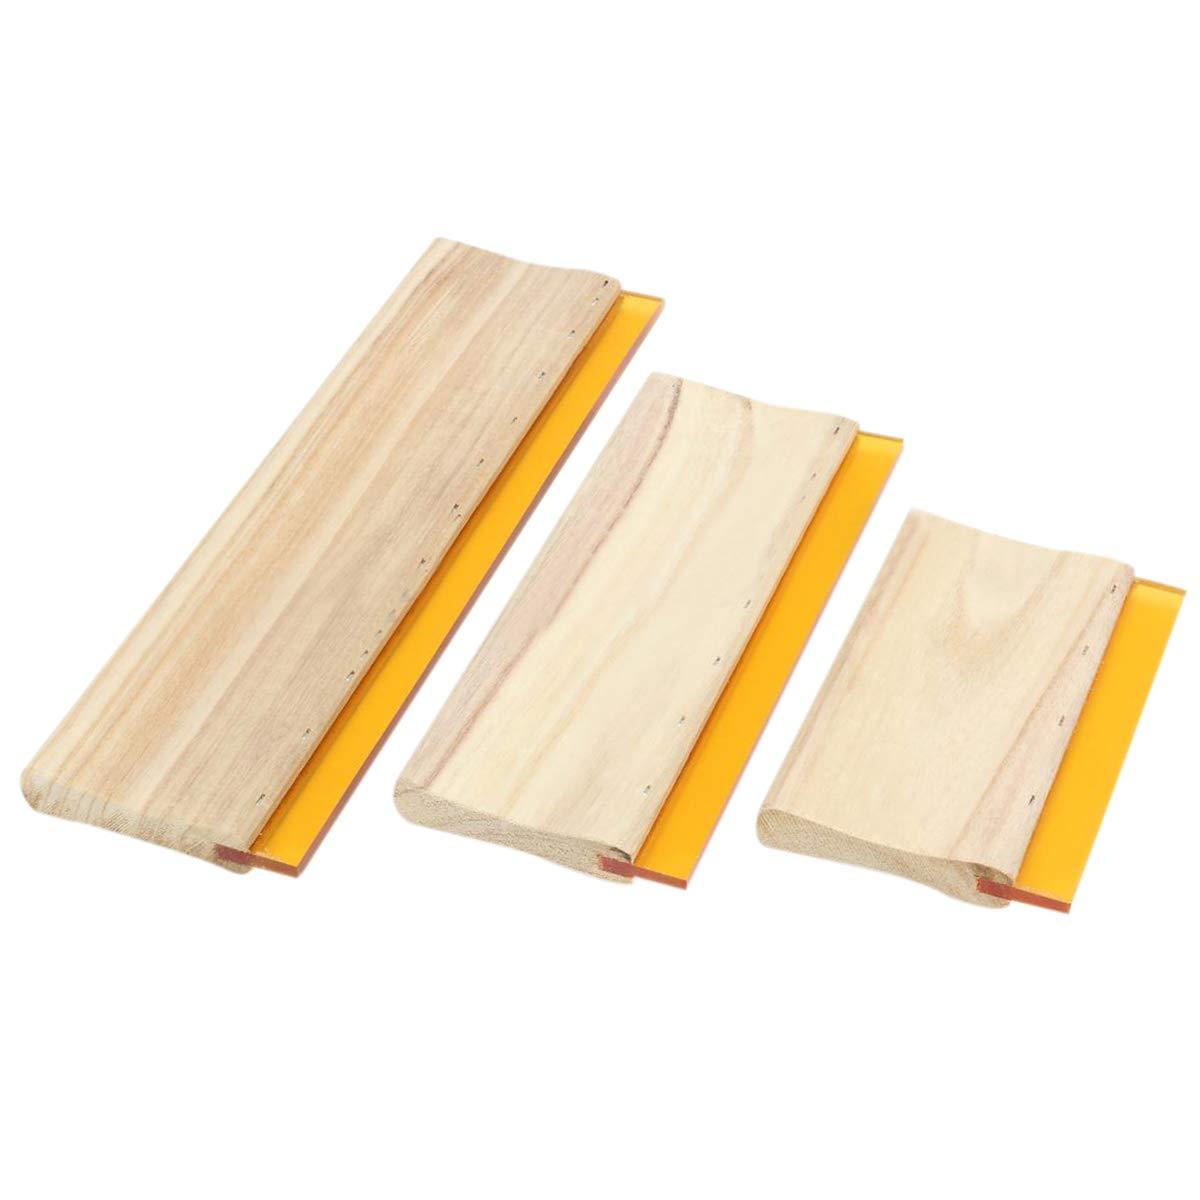 REFURBISHHOUSE 3 St/ücke Siebdruck Rakel Tinte Scaper Scratch Board Werkzeuge 16 Cm 24 Cm 33 Cm